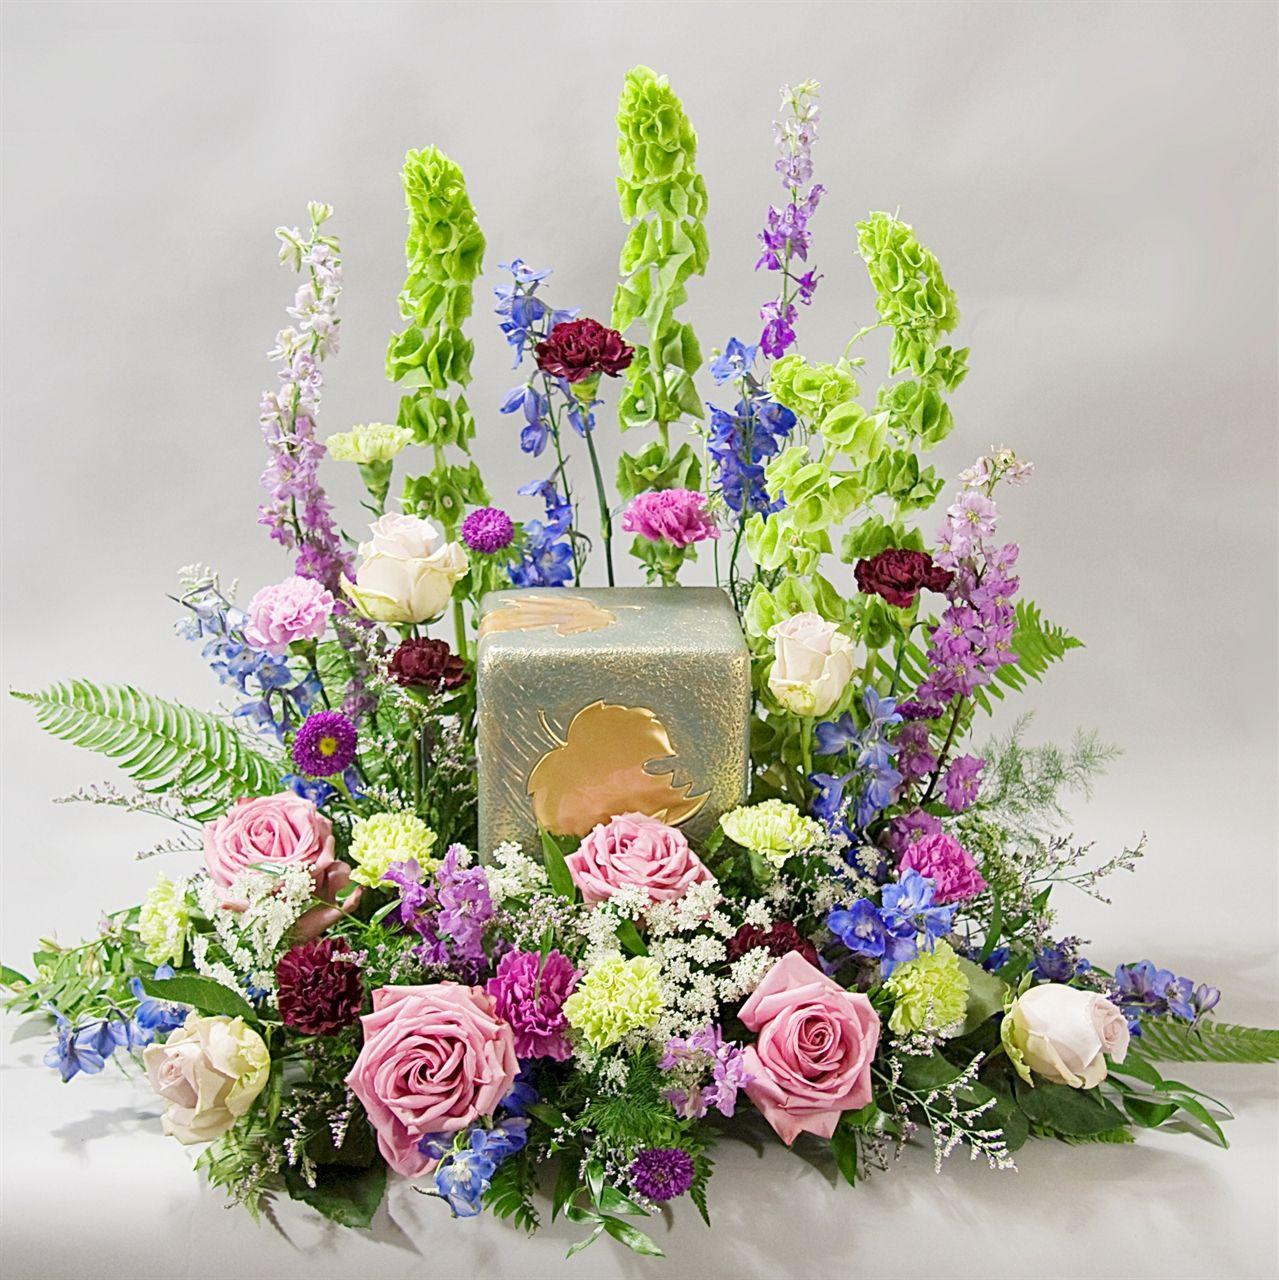 Floral Arrangements For Cremation Urns Flower Shop Home